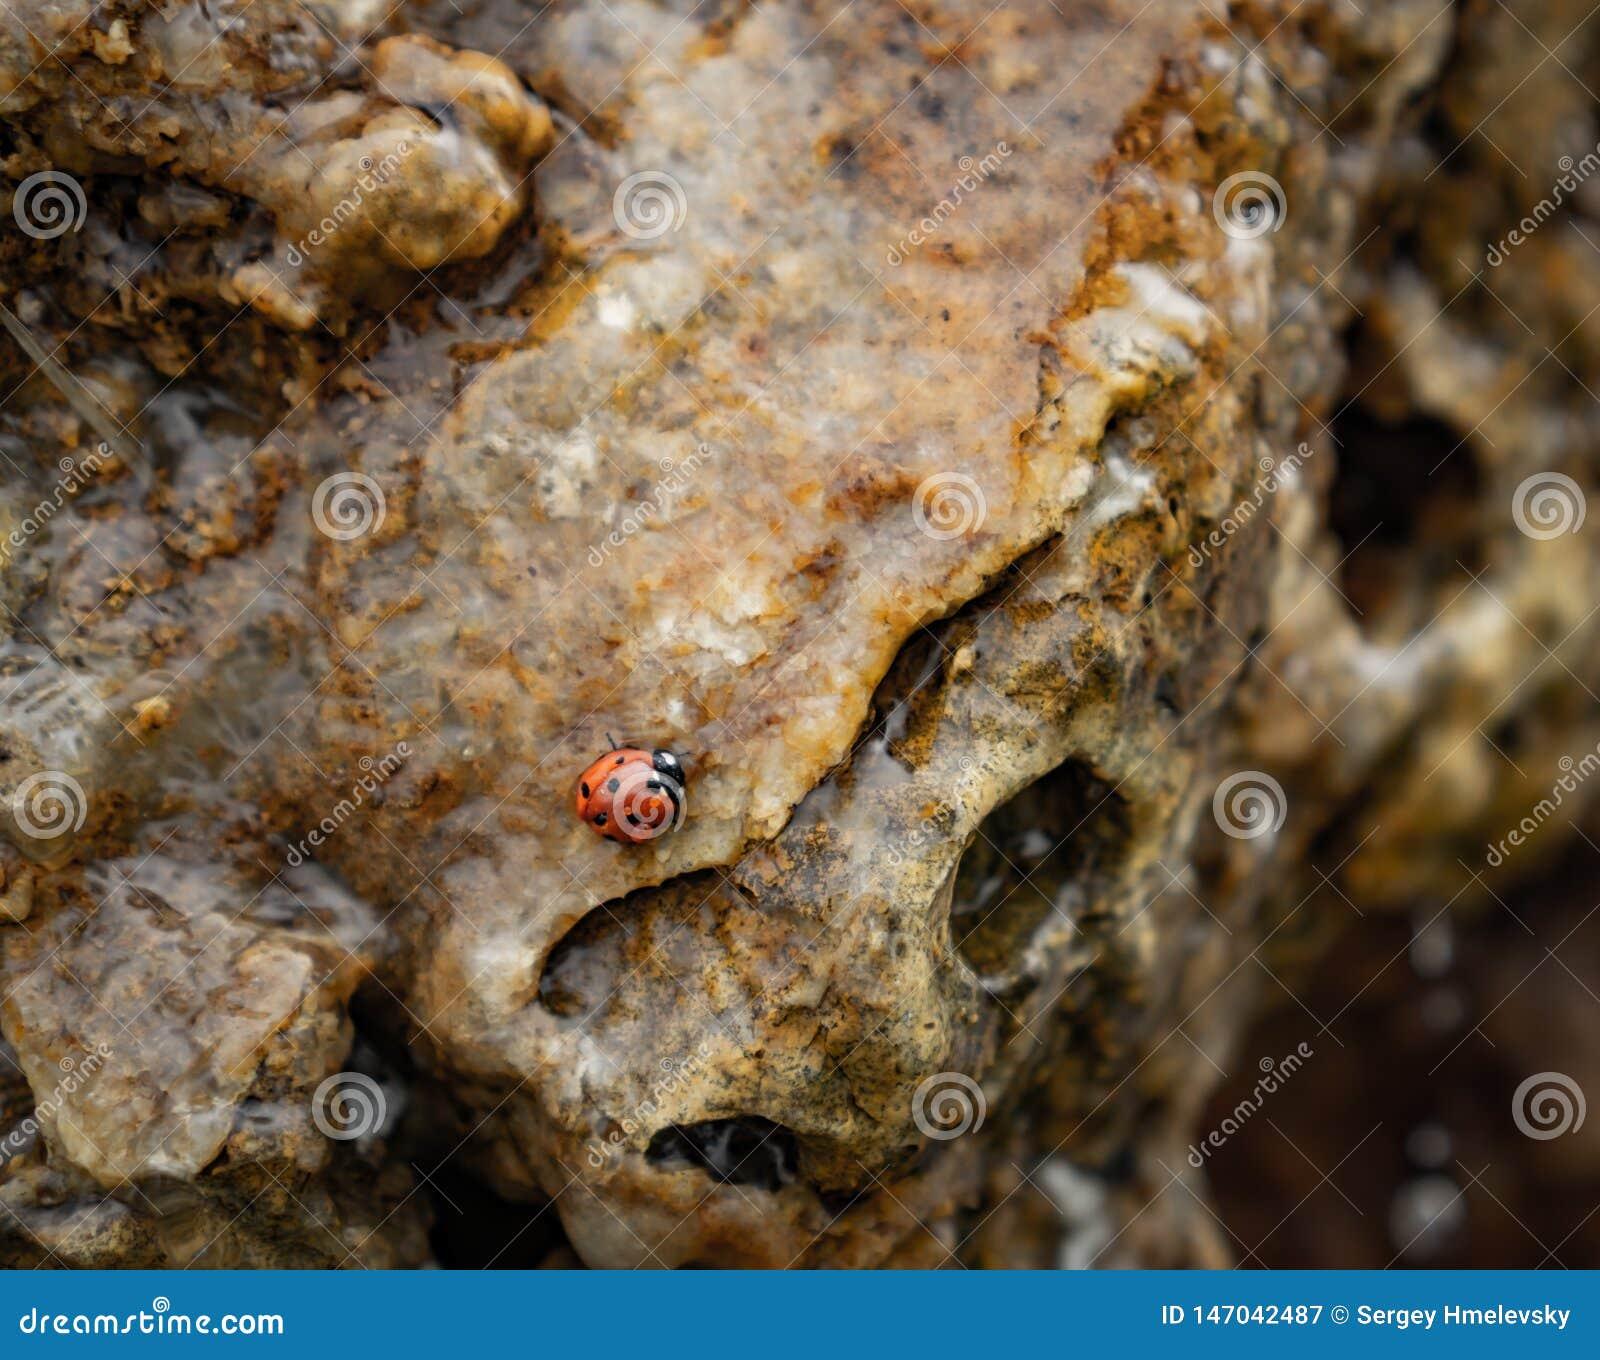 瓢虫在岩石的水中